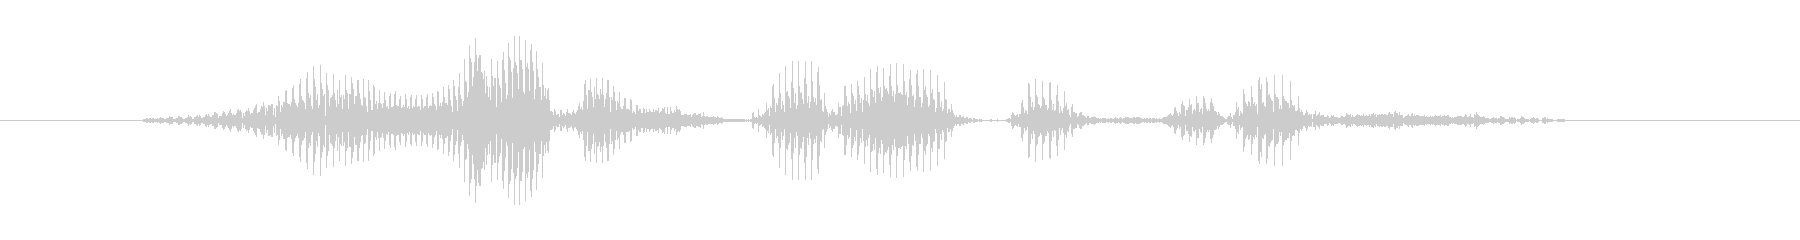 ロイヤルストレートフラッシュの未再生の波形